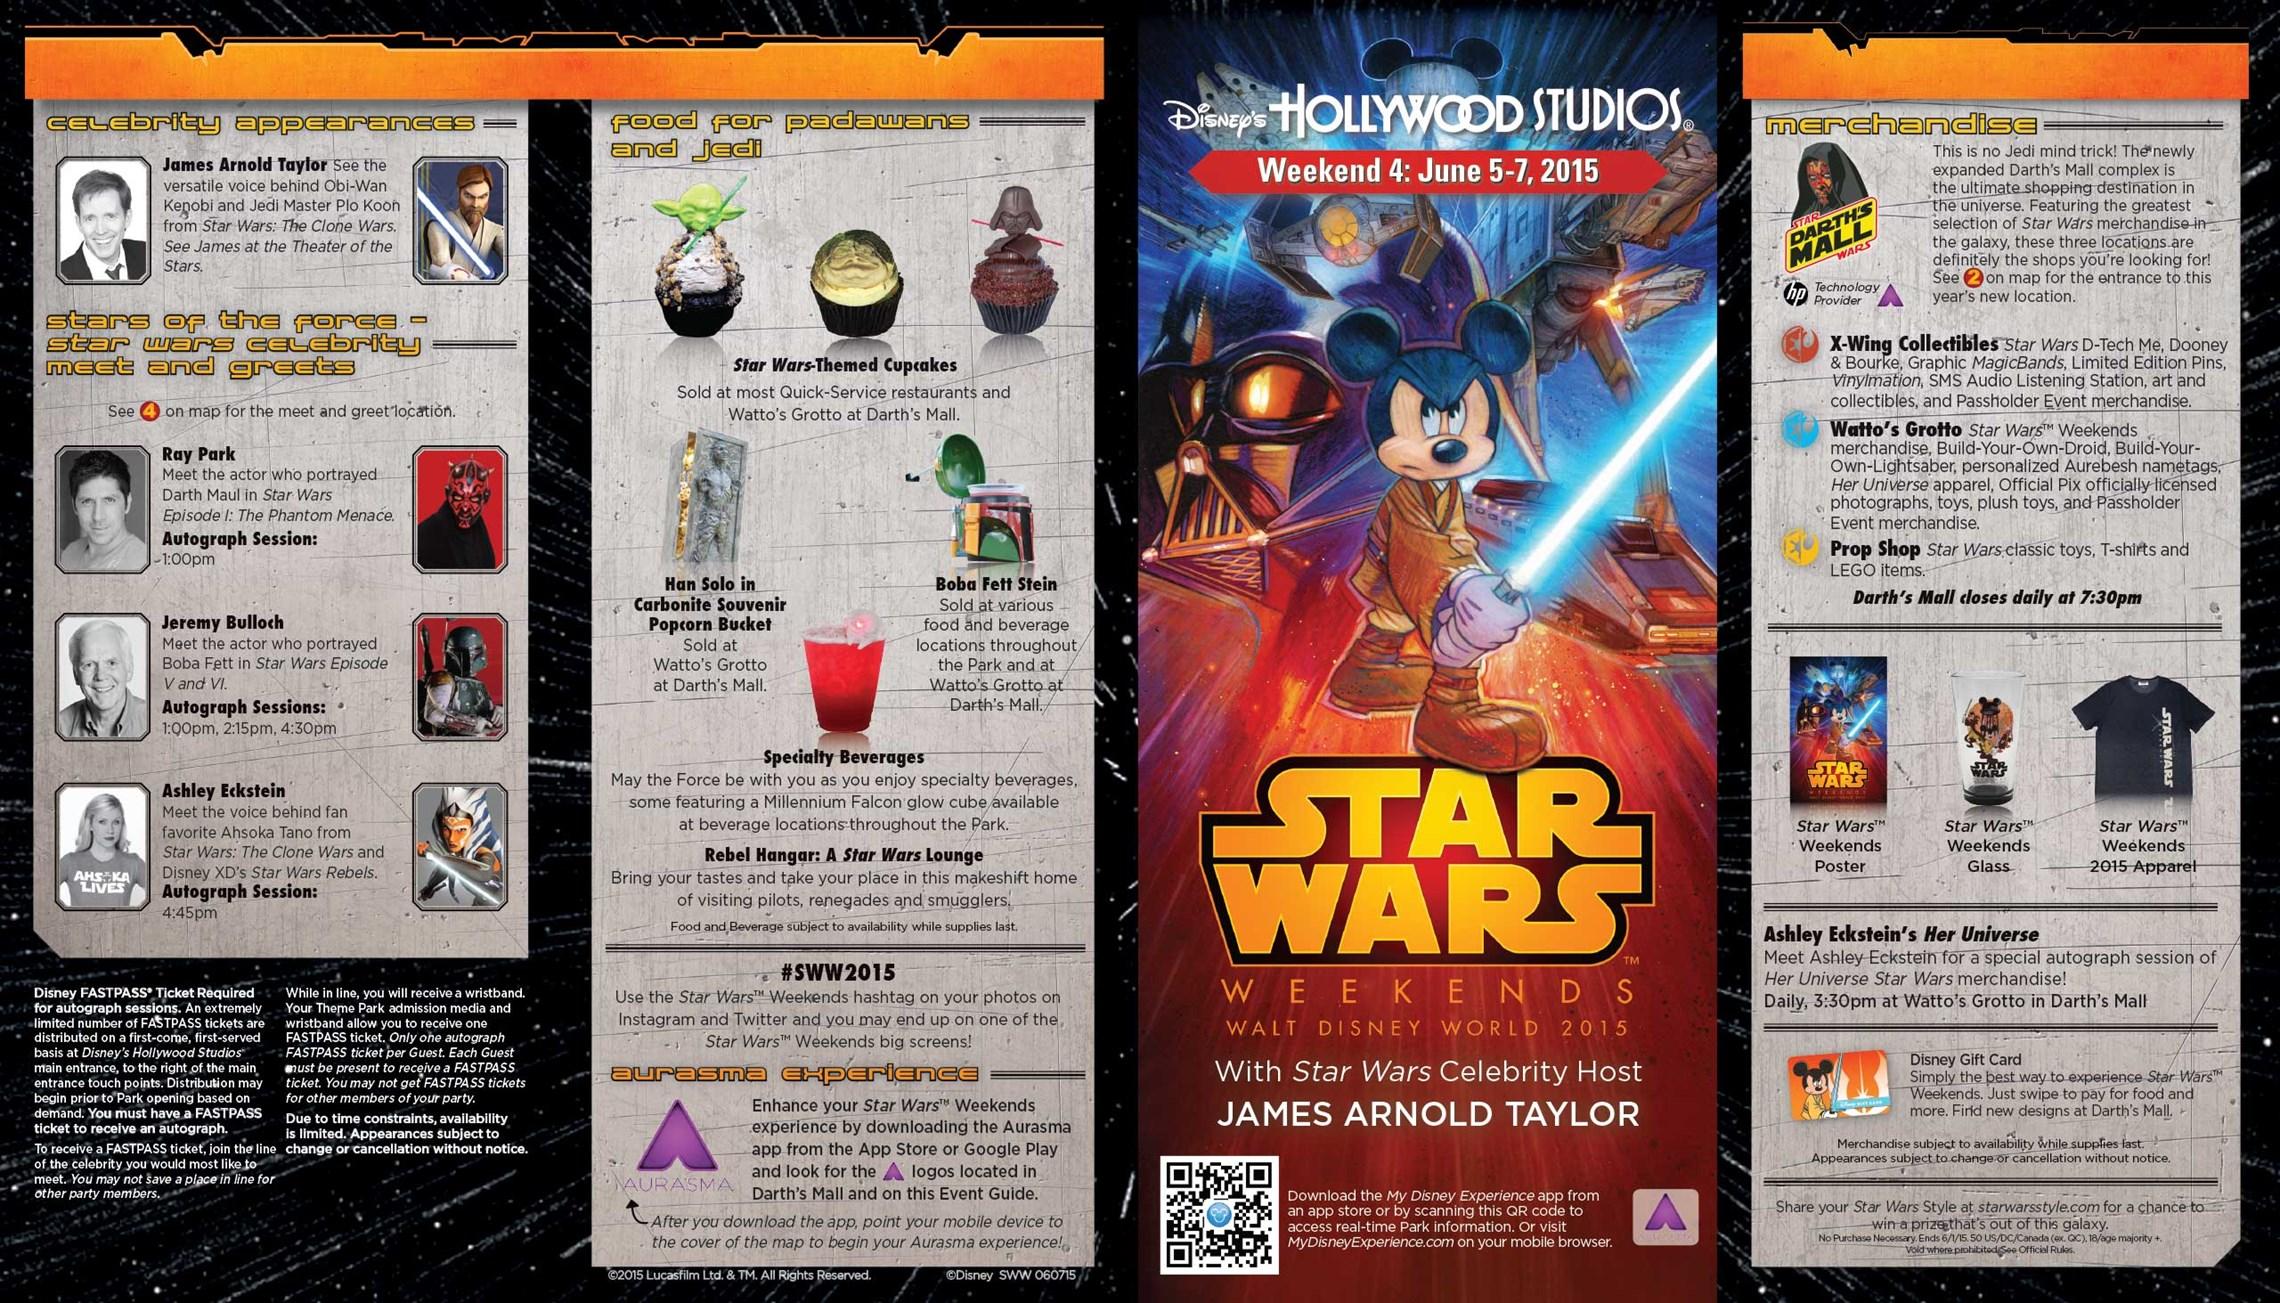 2015 Star Wars Weekends June 5 - 7 Weekend 4 guide map